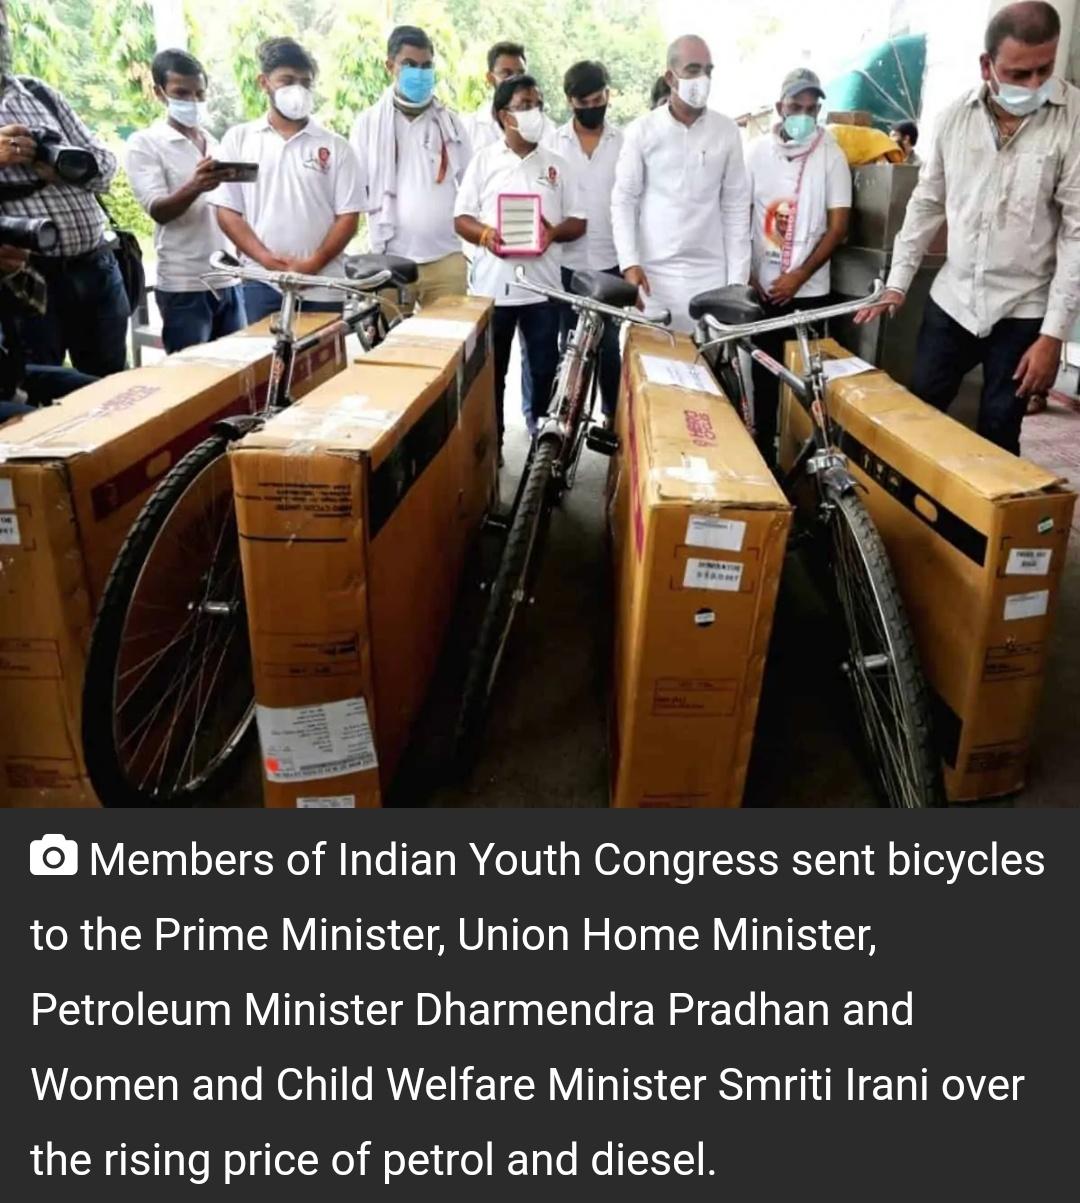 ईंधन की कीमतों में वृद्धि को लेकर यूथ कांग्रेस ने मोदी, शाह को भेजी साइकिल 16